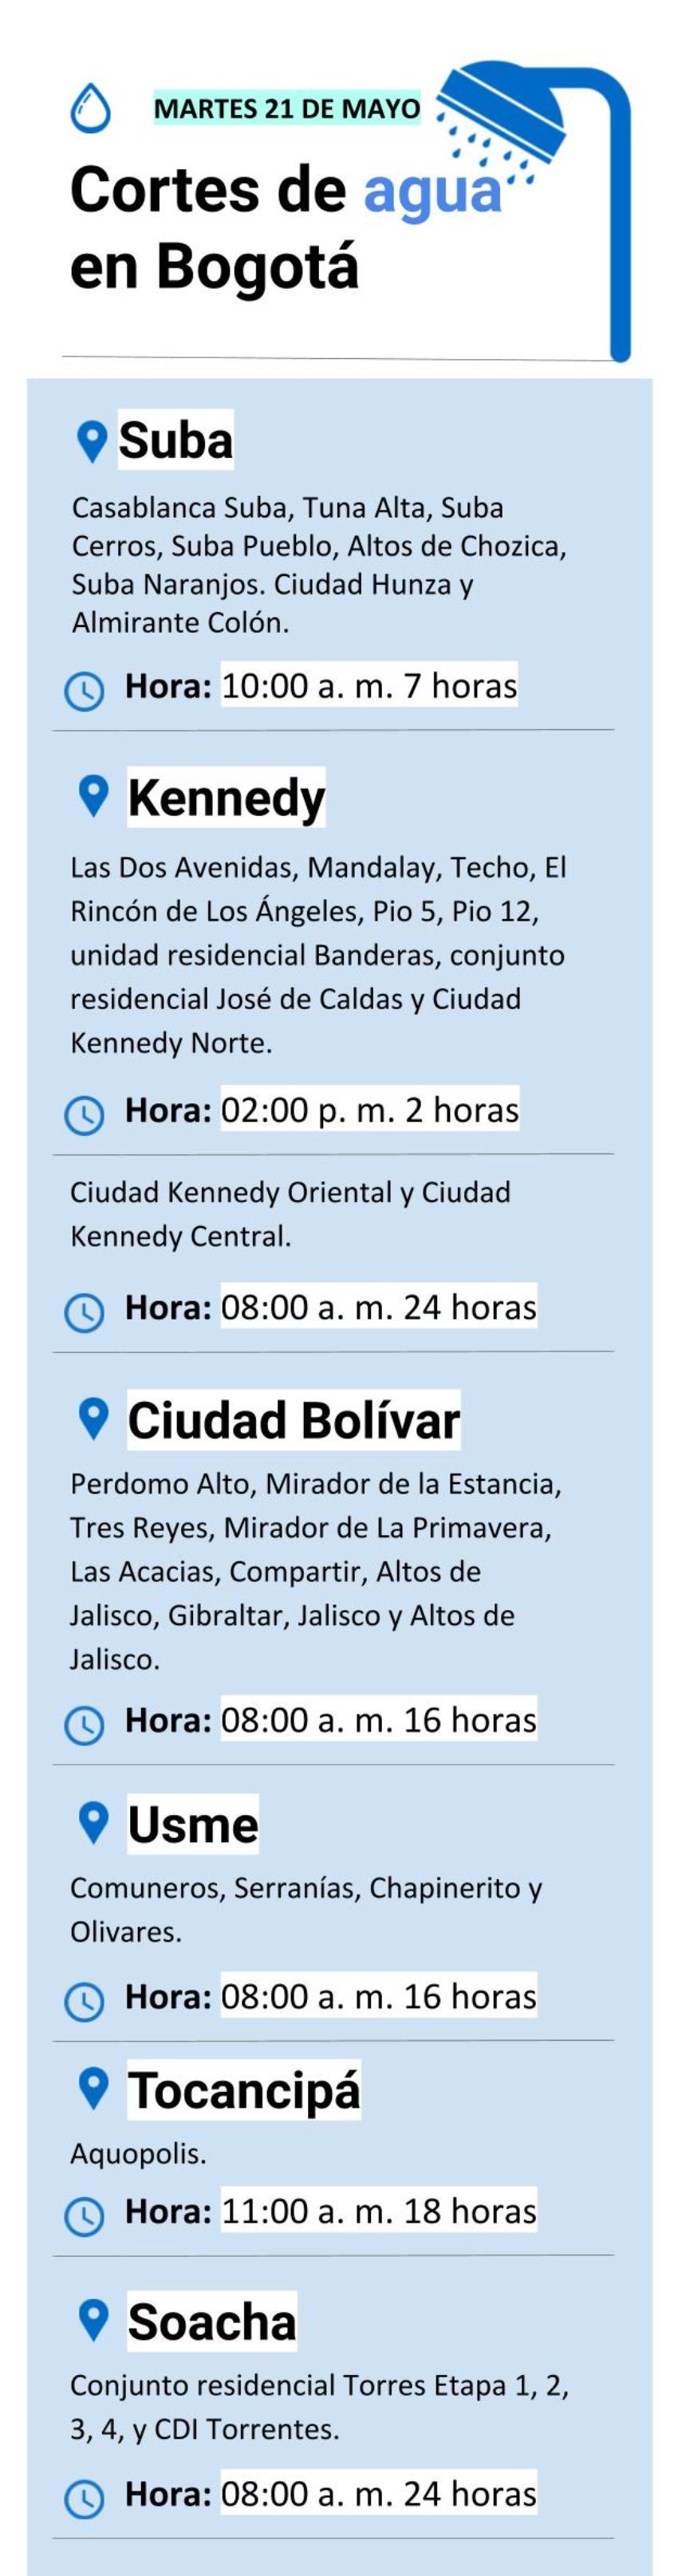 Cortes de agua en Bogotá martes 21 de mayo